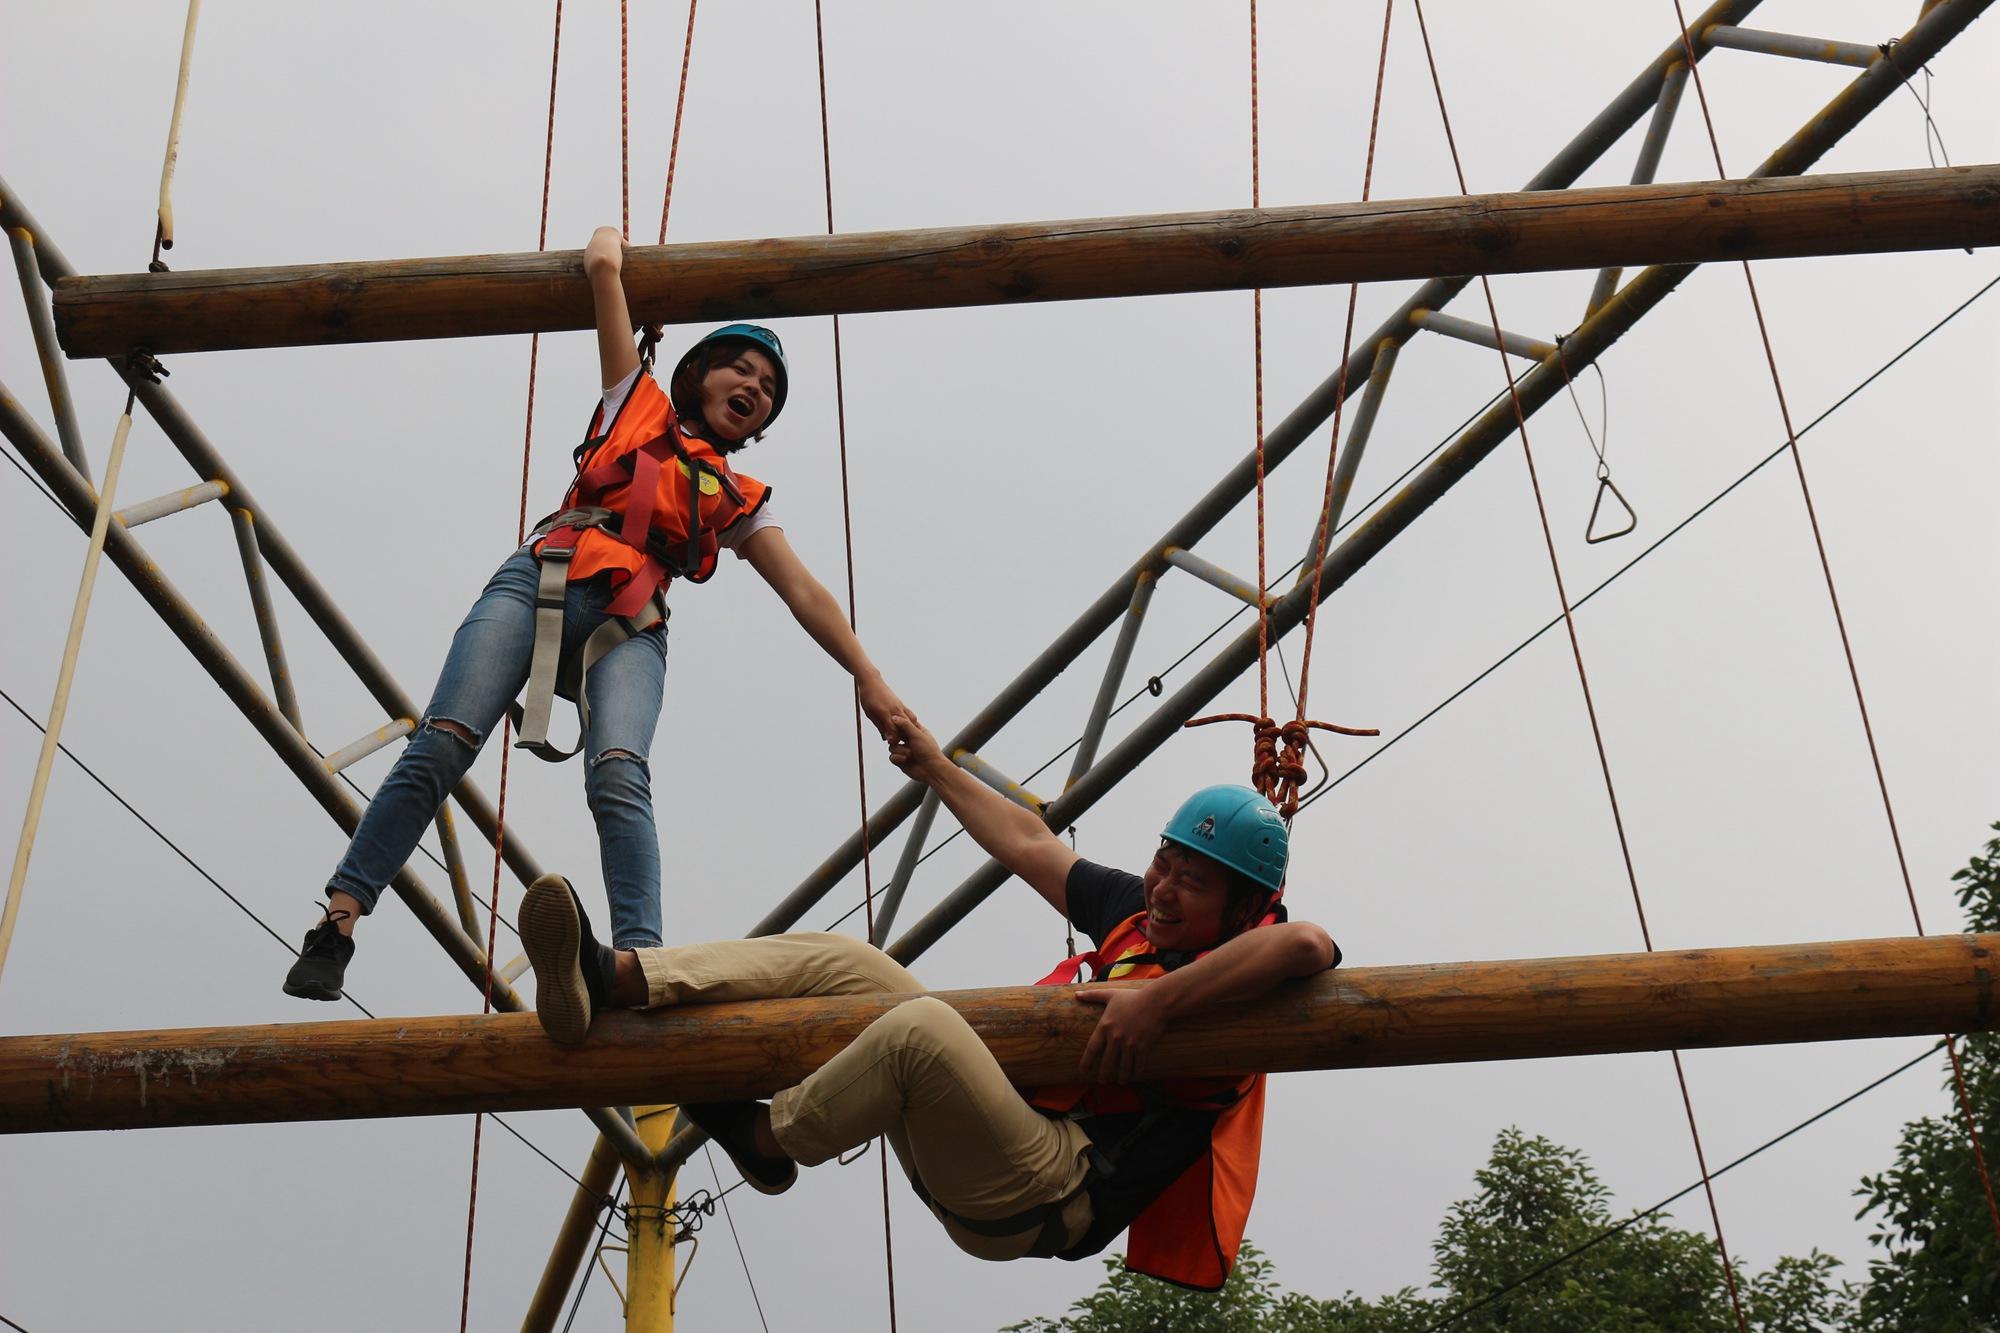 拓展訓練項目天梯